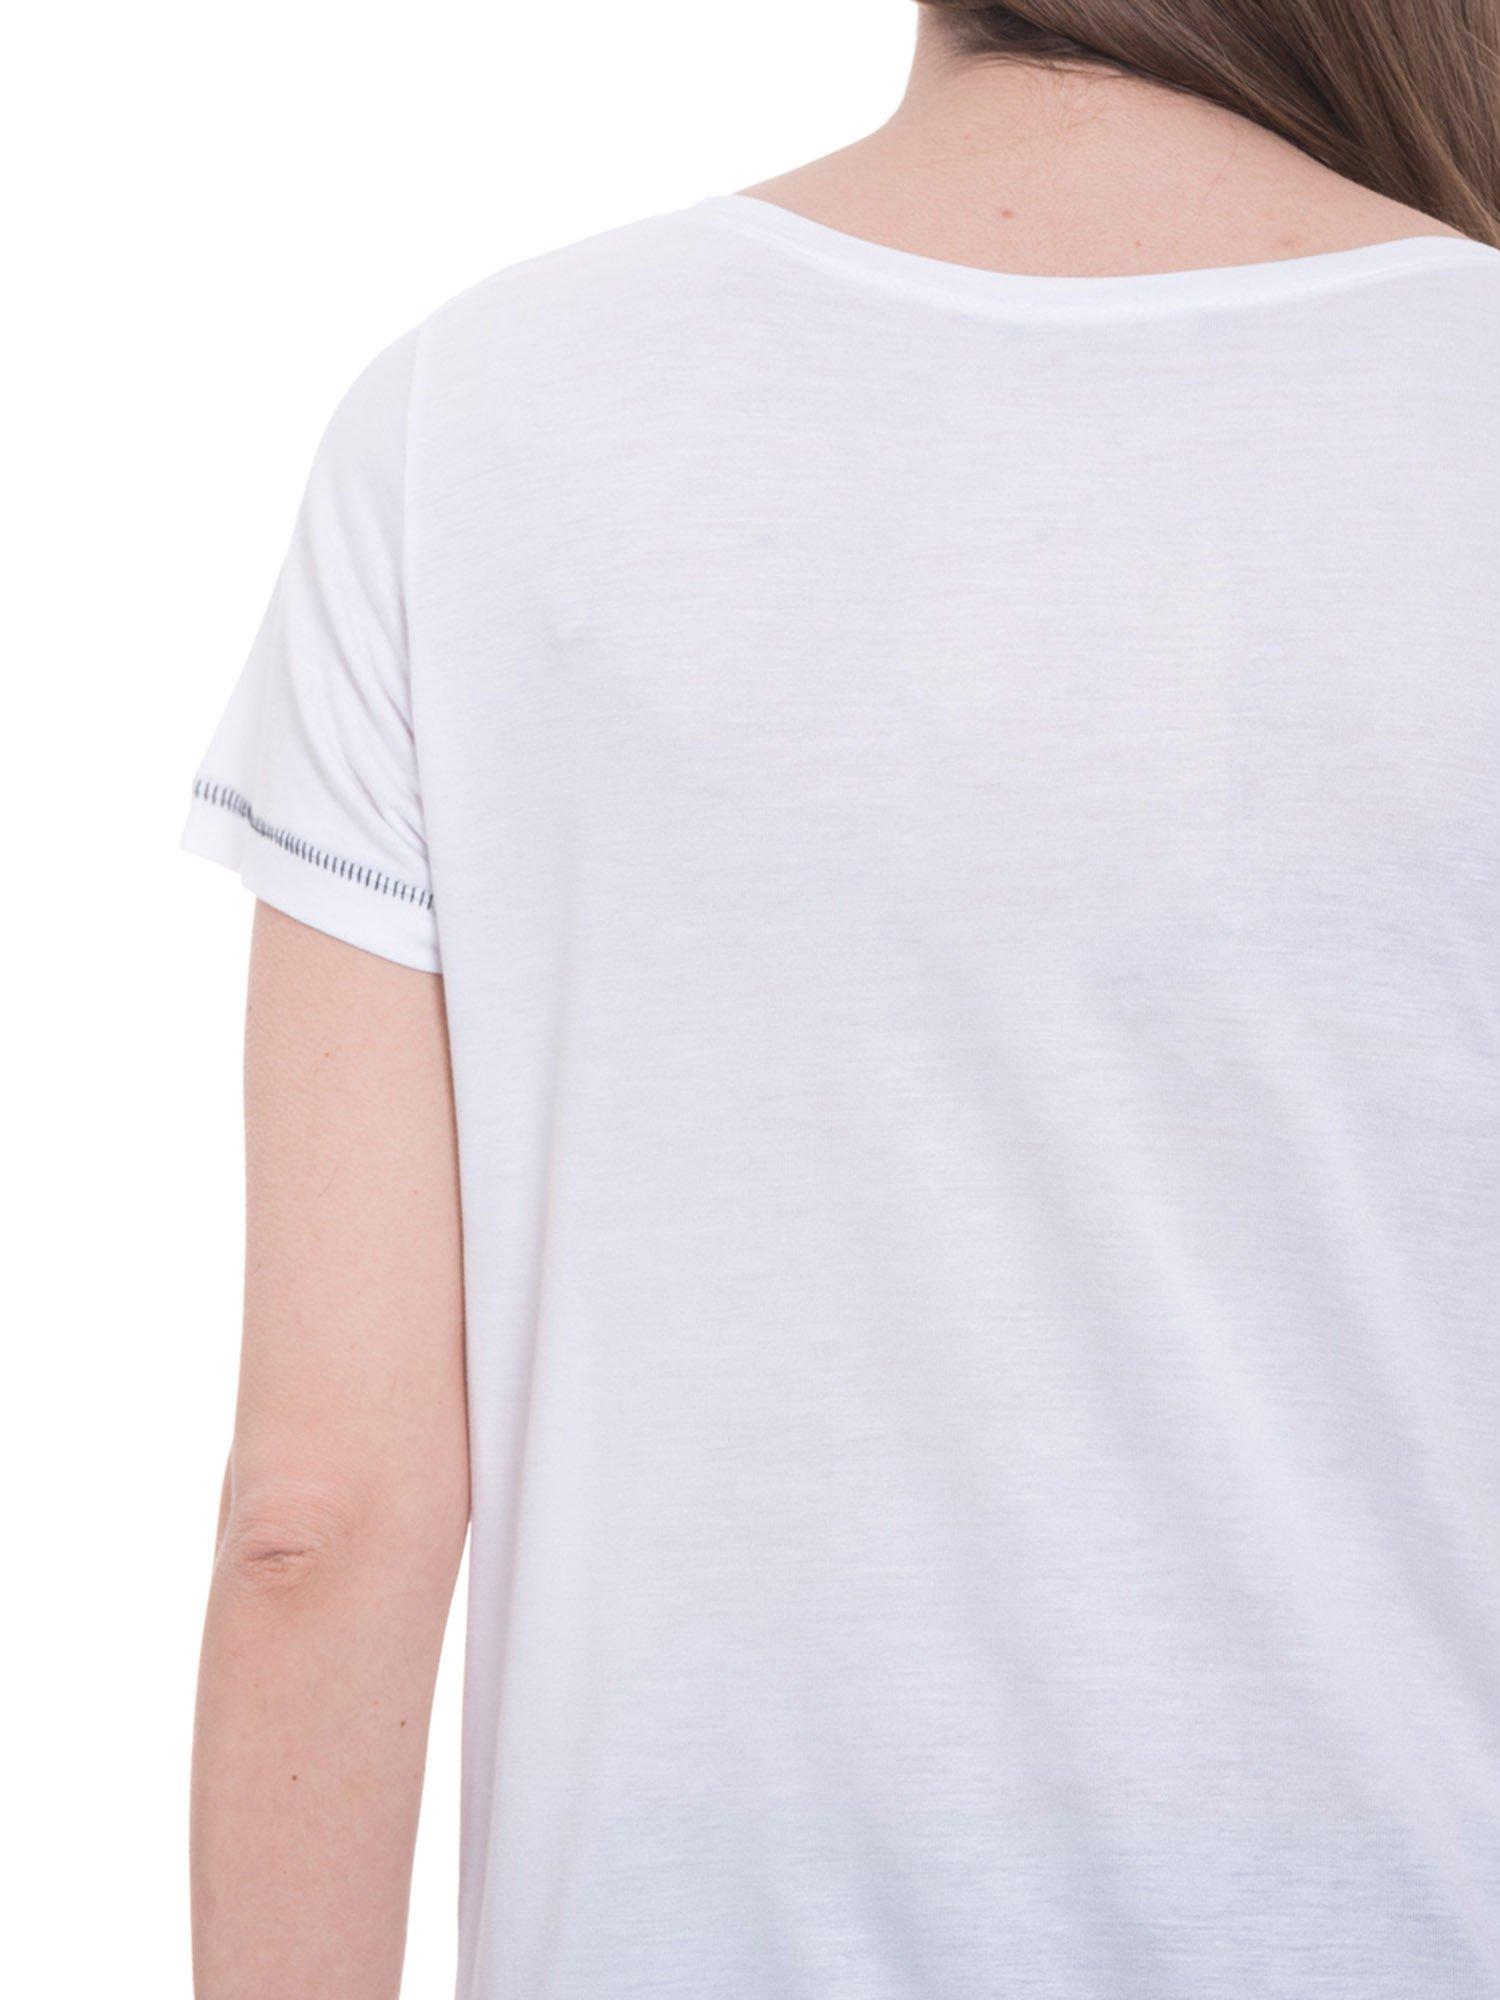 Biały t-shirt z nadrukiem wieży Eiffla                                  zdj.                                  6